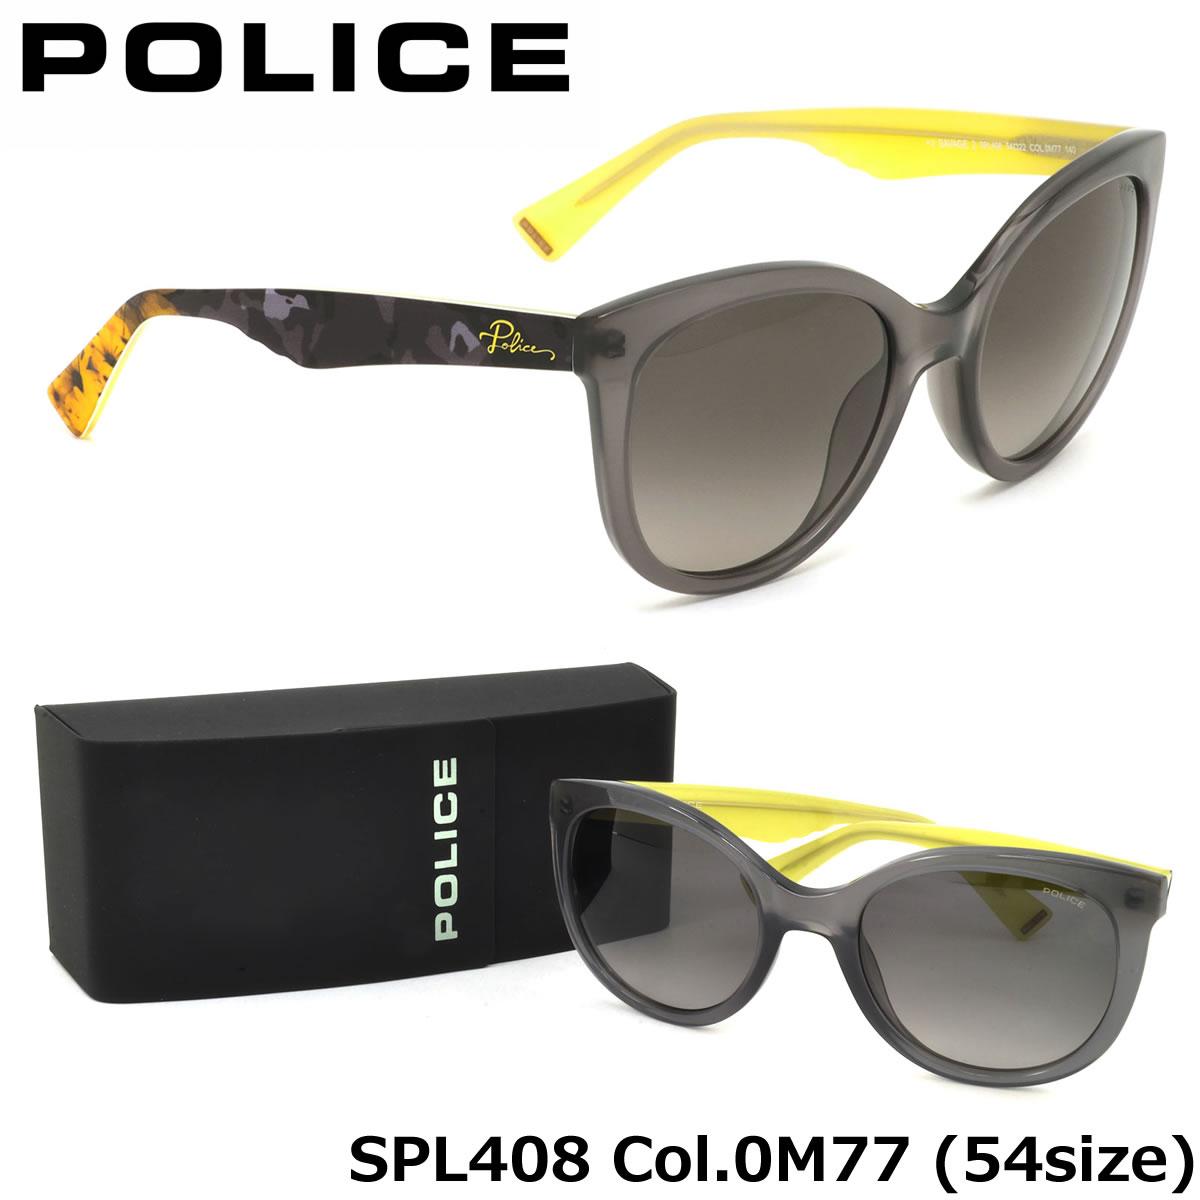 【10月30日からエントリーで全品ポイント20倍】【ポリス】 (POLICE) サングラスSPL408 0M77 54サイズSAVAGE2 キャッツアイ ラウンドPOLICE メンズ レディース